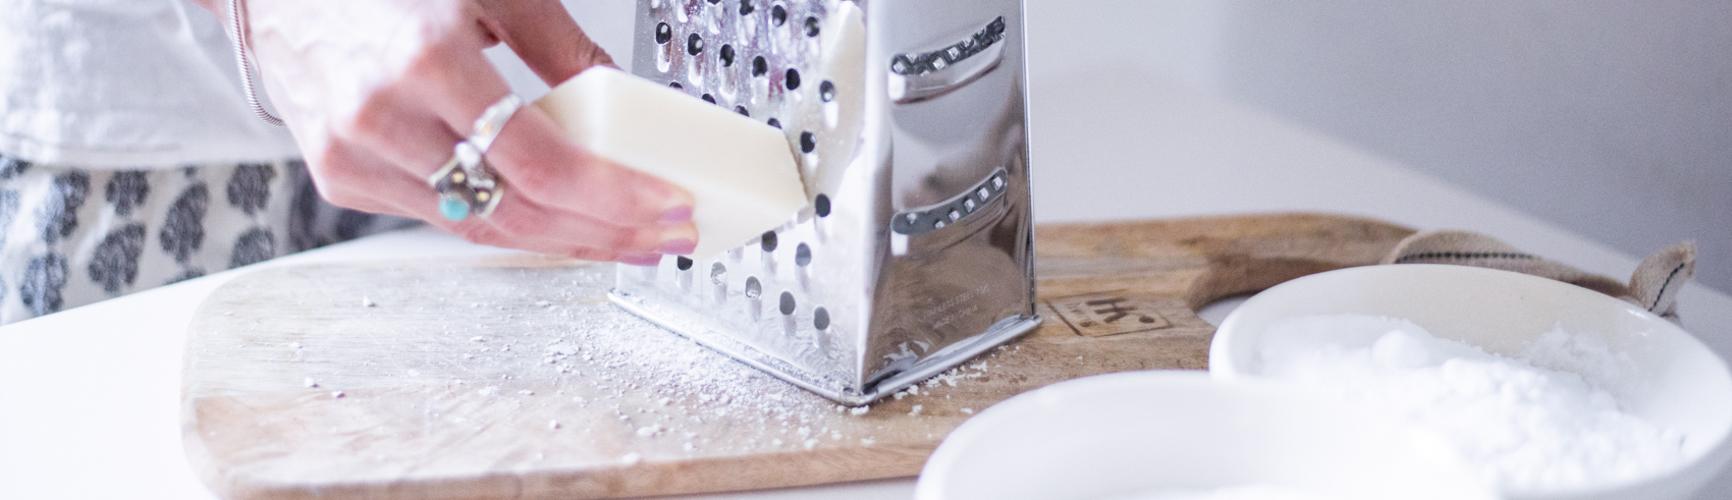 DIY: Zero Waste Detergent